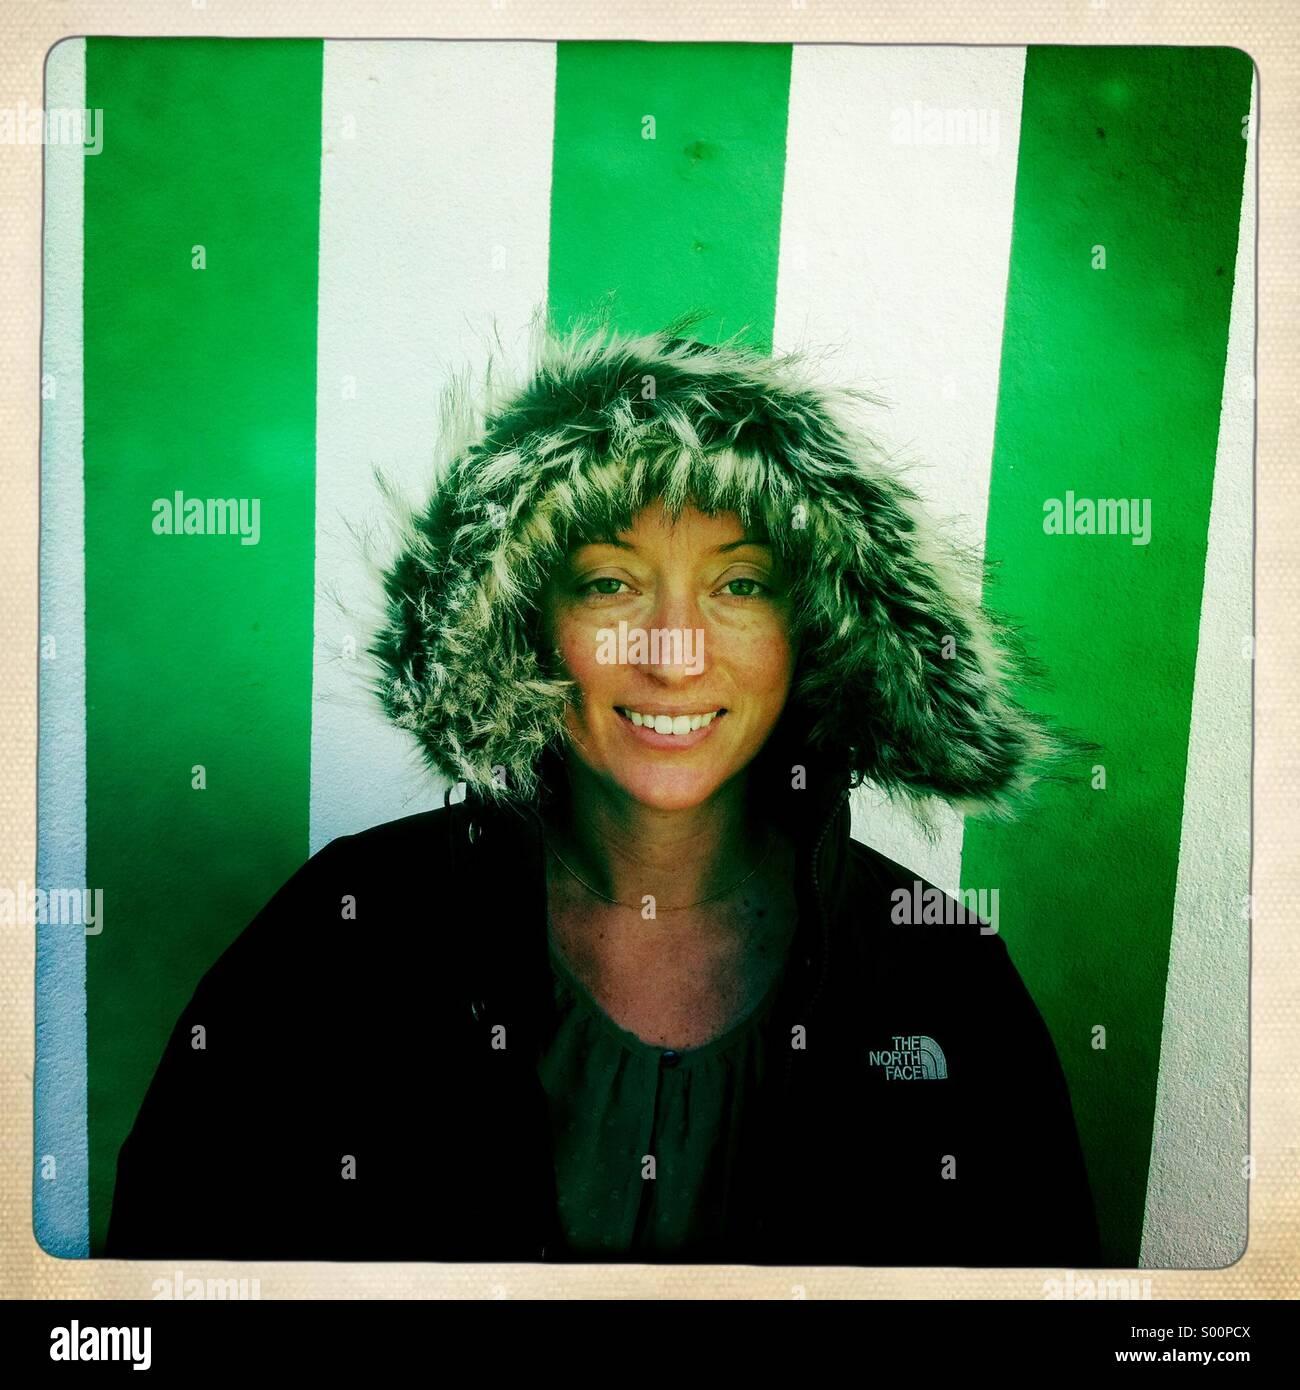 Une jeune femme se tient debout devant un mur blanc et vert. L'Irlande. Banque D'Images